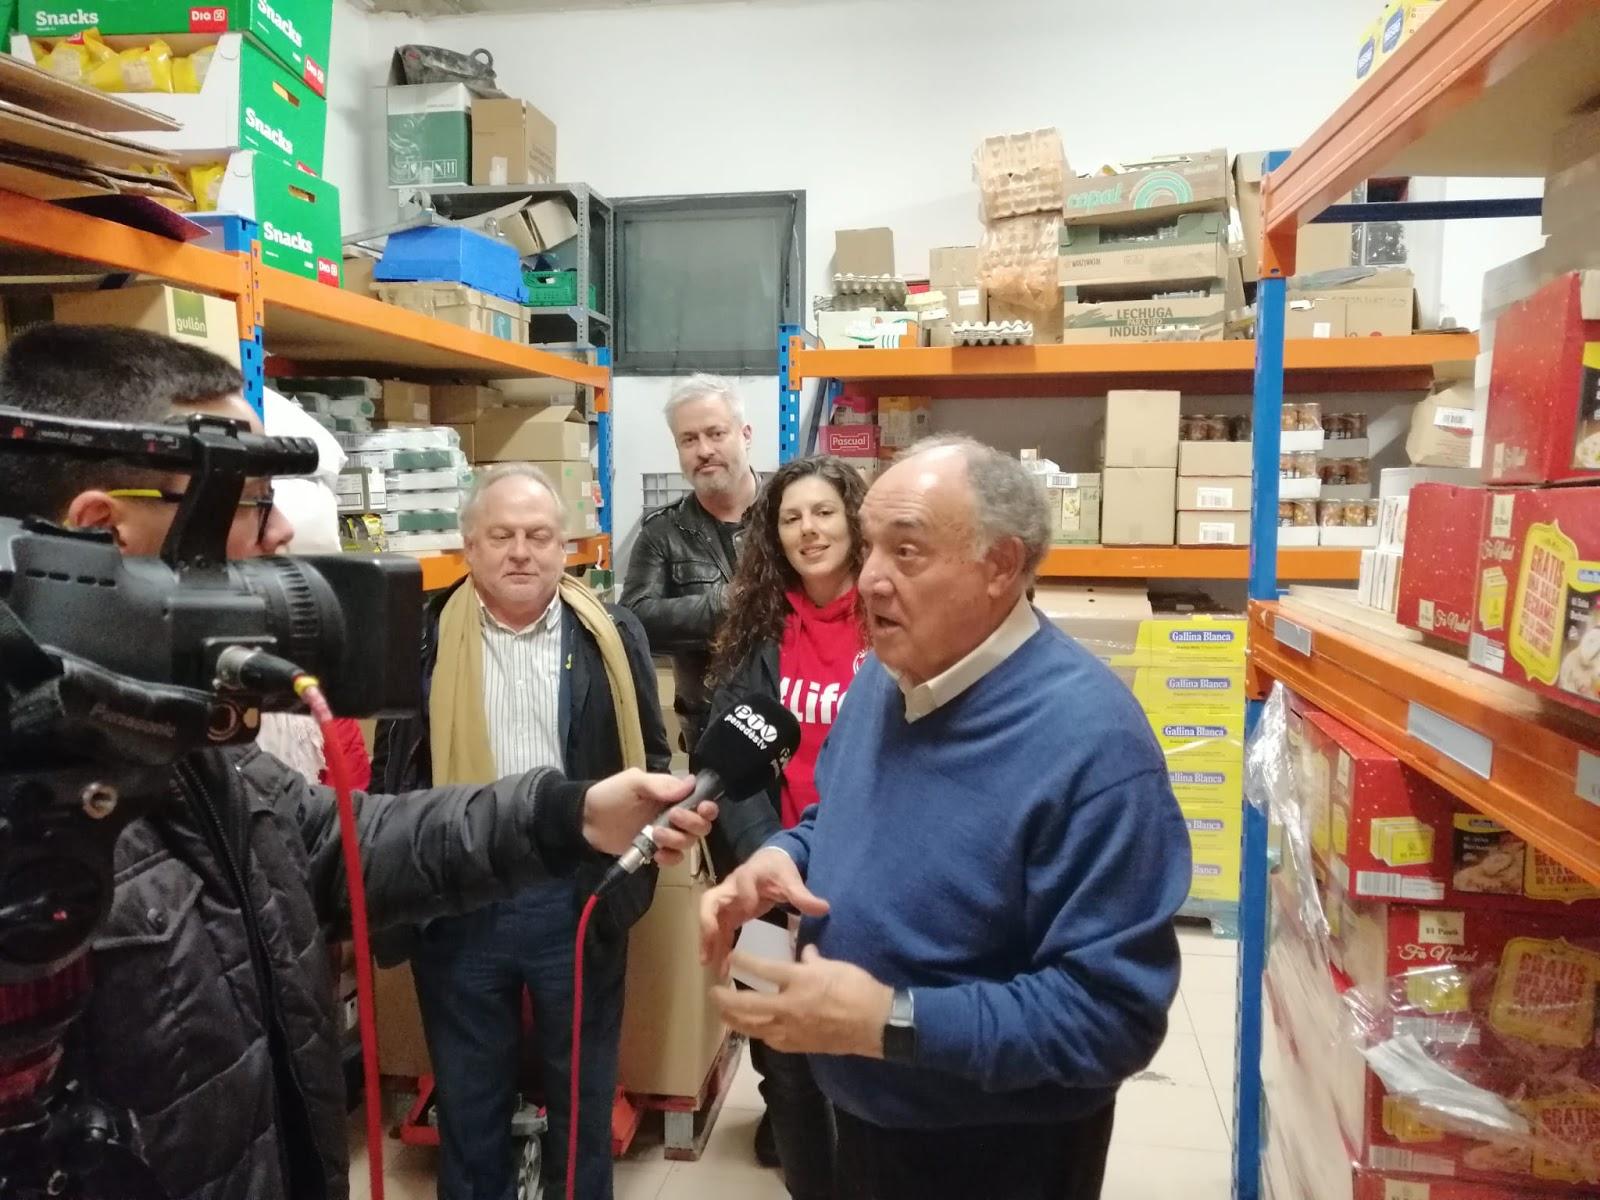 Baròmetre Solidari Gallina Blanca 2019 destinat al Rebost Solidari de Vilafranca